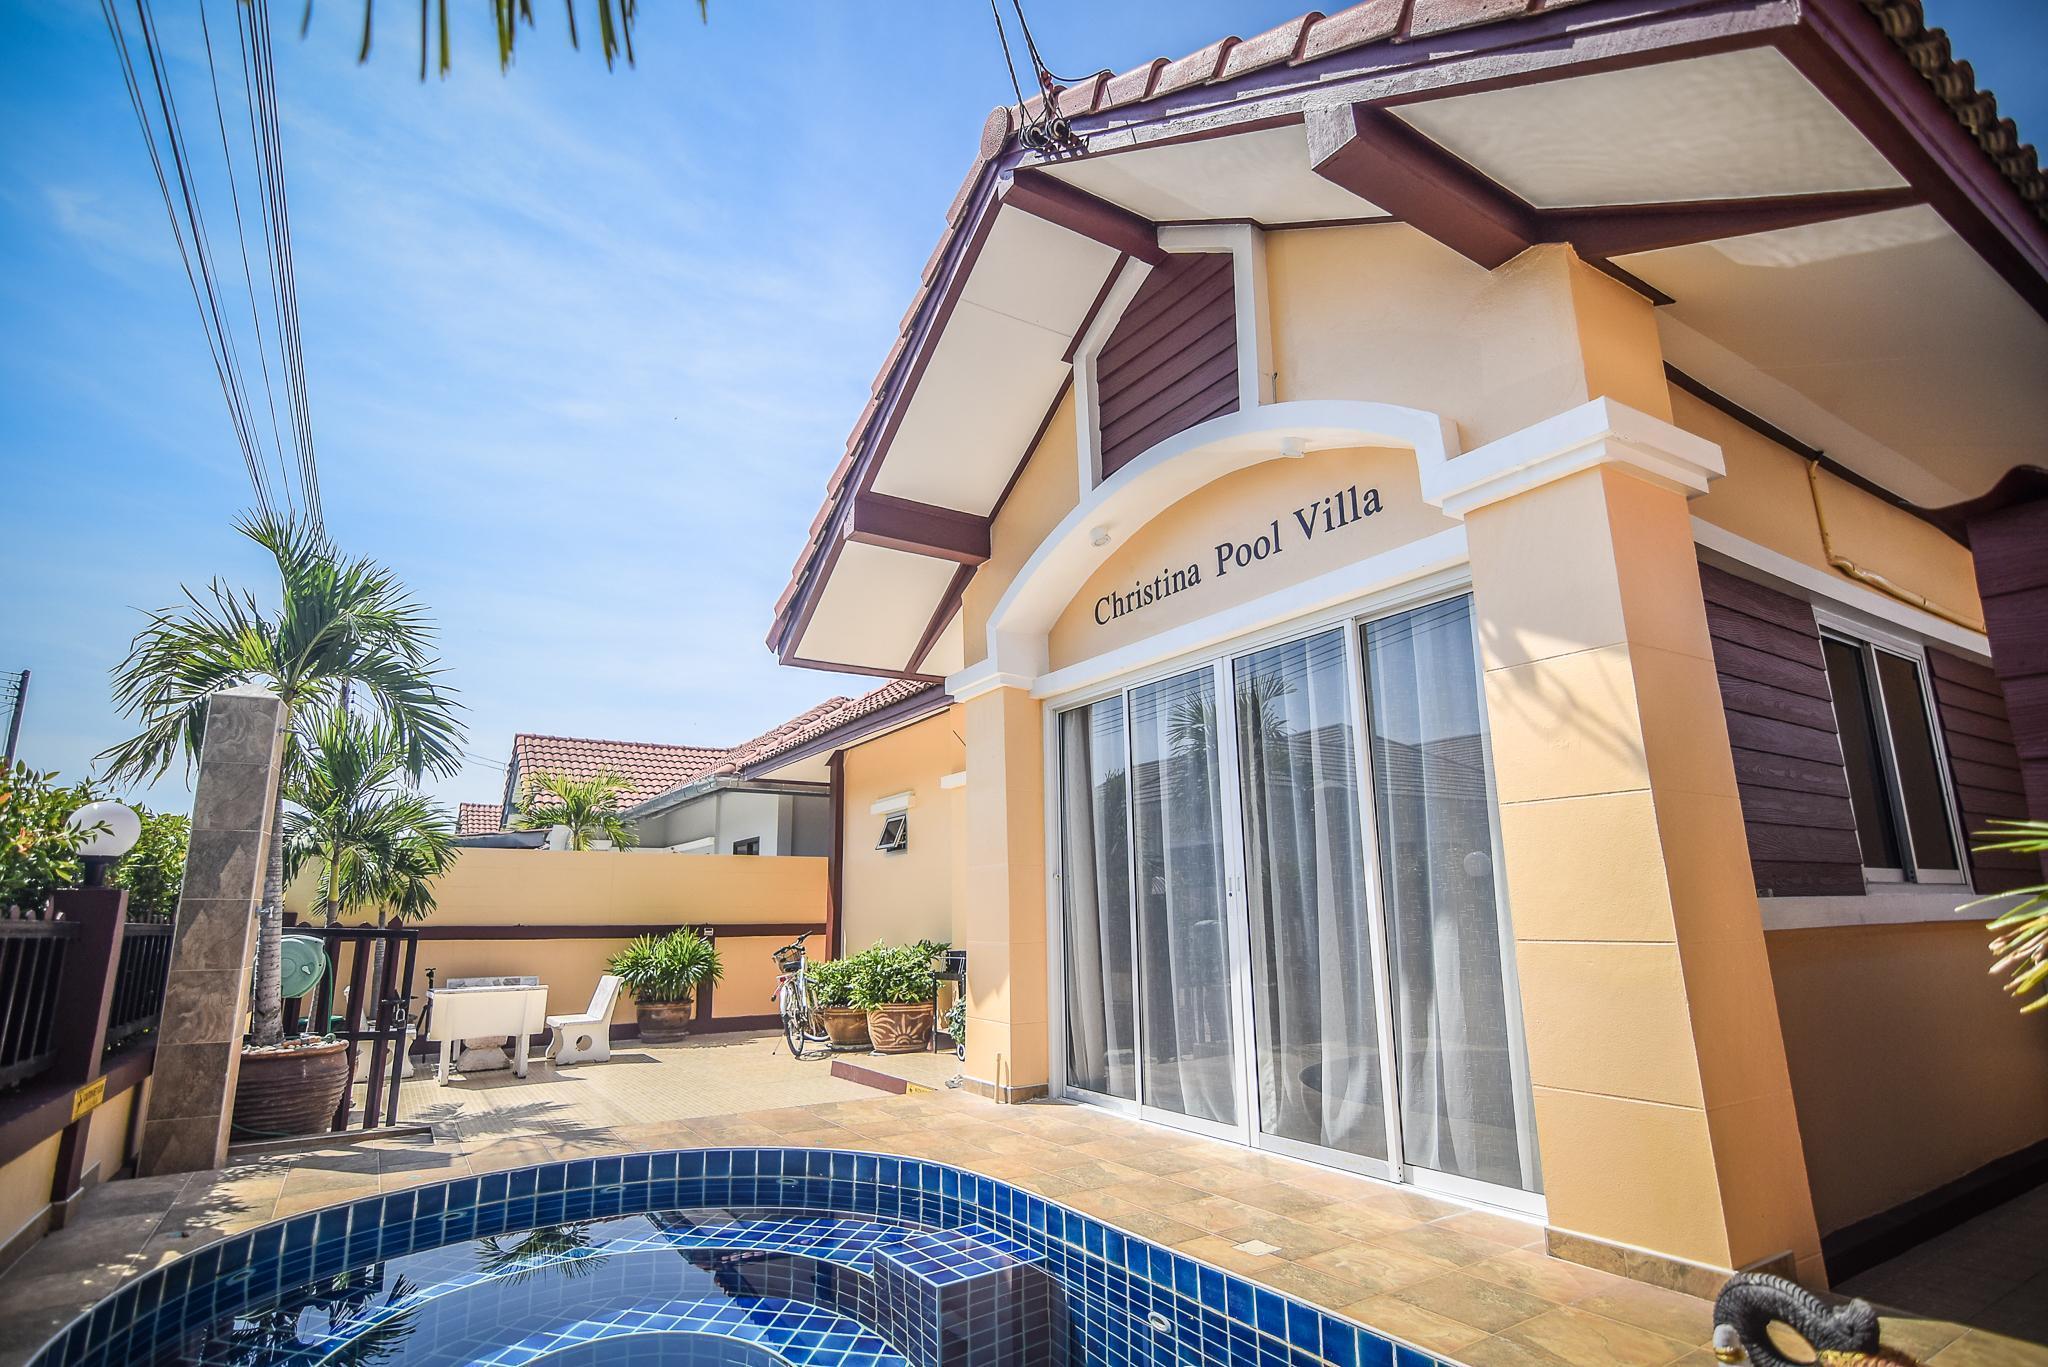 Bangsaray Christina Pool Villa Bangsaray Christina Pool Villa